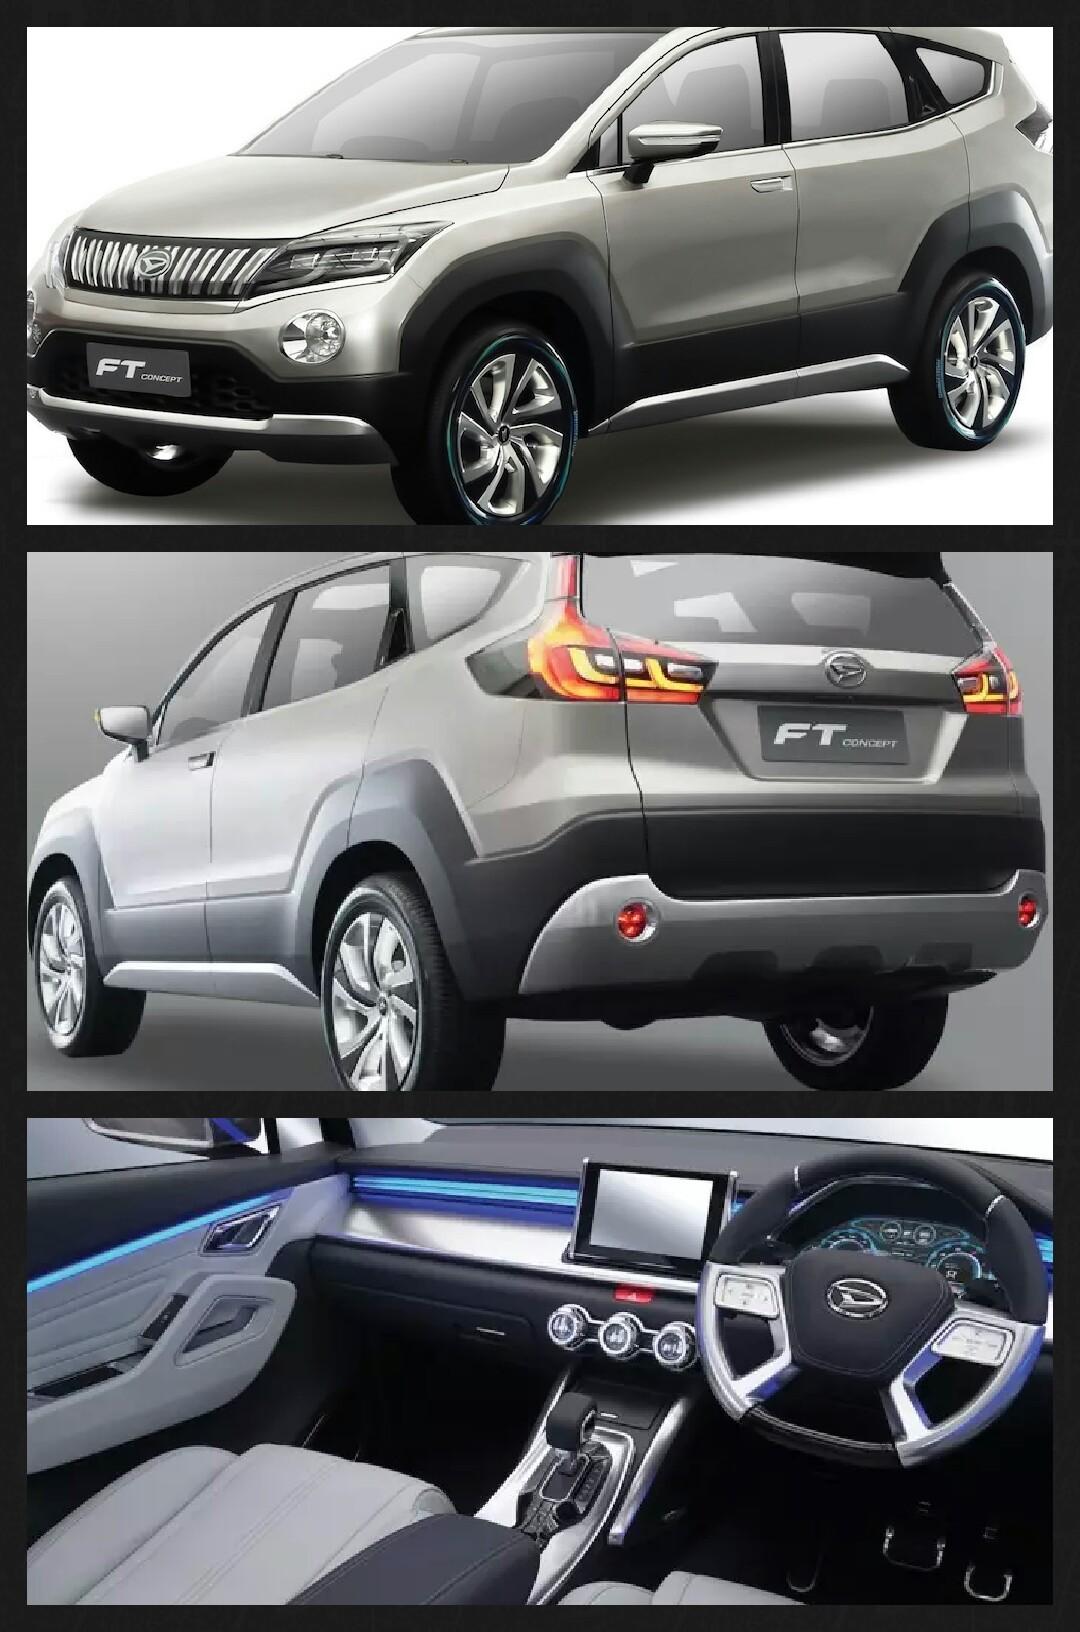 ダイハツ 新型SUV FTコンセプト